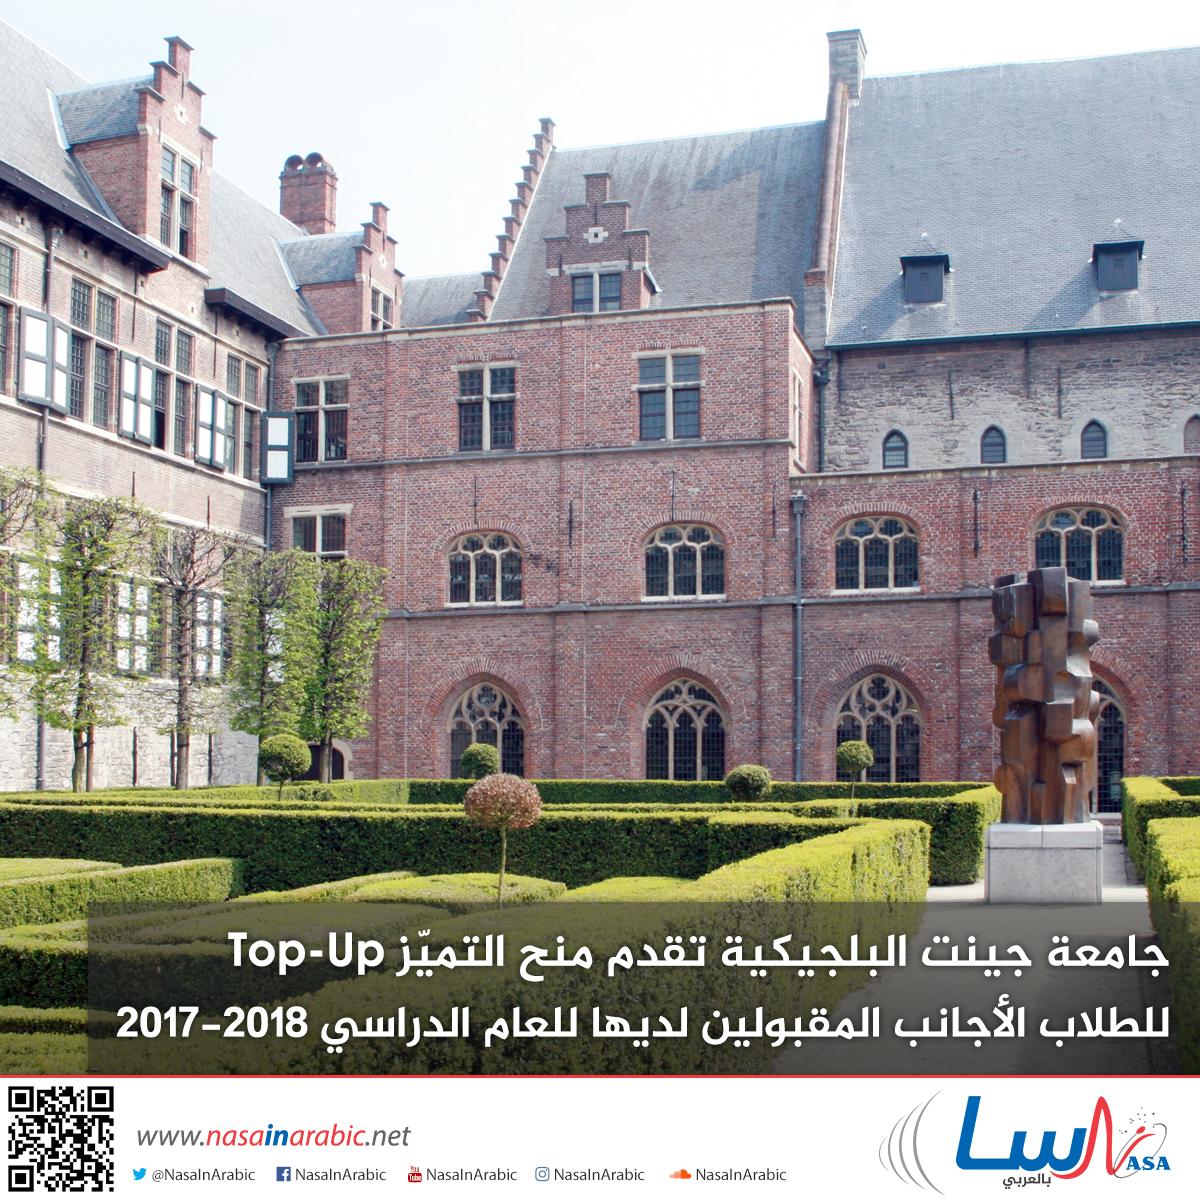 جامعة جينت البلجيكية تقدم منح التميّز Top-Up للطلاب الأجانب المقبولين لديها للعام الدراسي 2017-2018